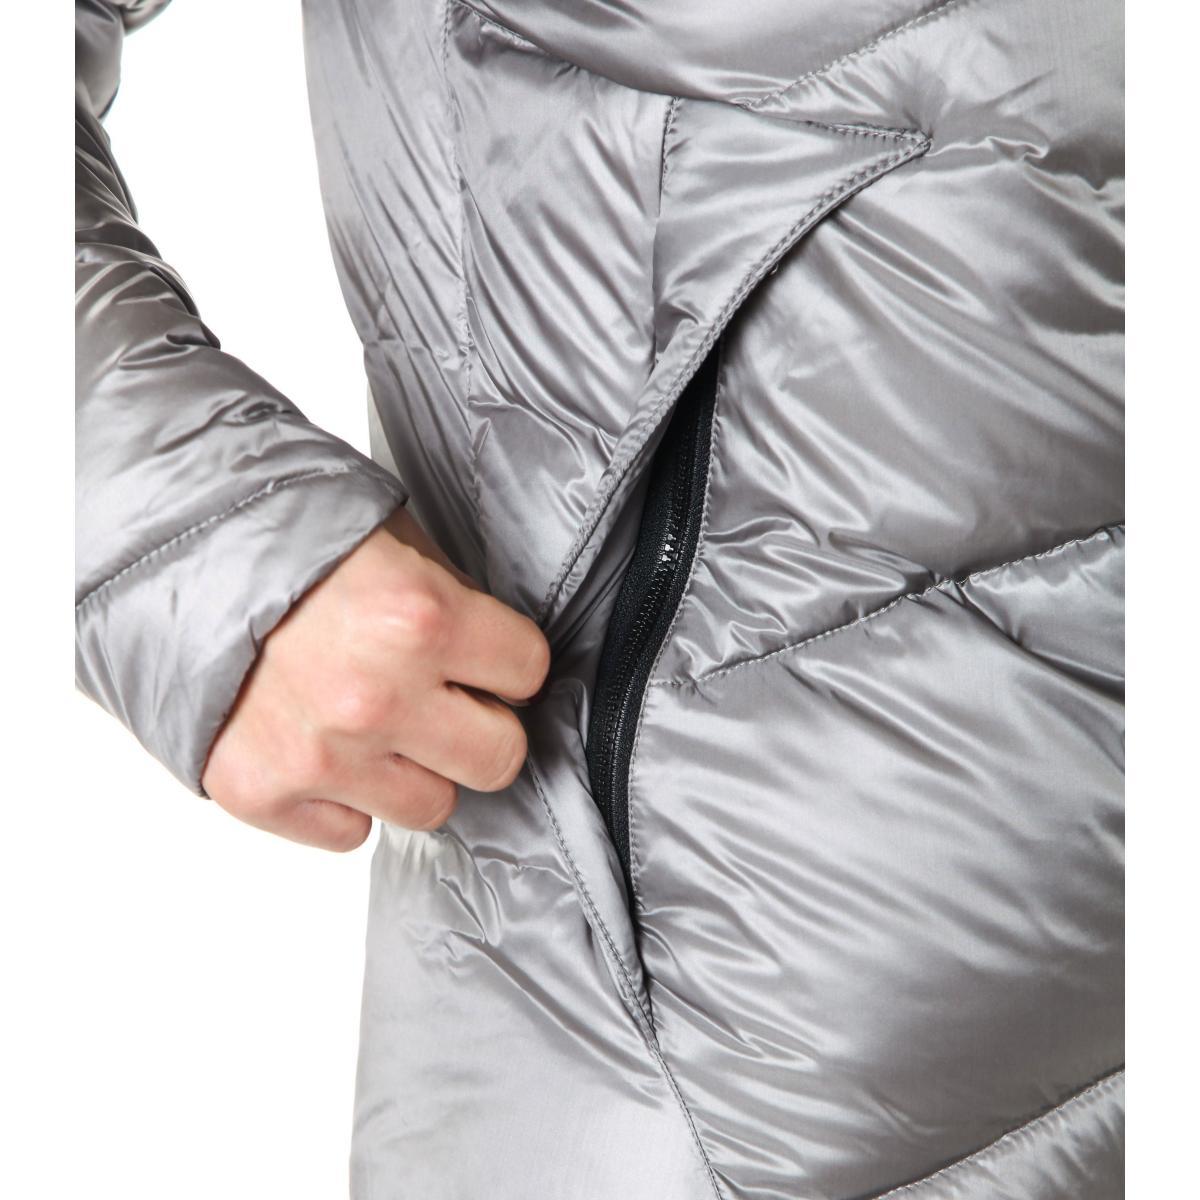 Giubbotto Piumino Blauer USA con cappuccio imbottito da donna rif. 18WBLDC03013 005050